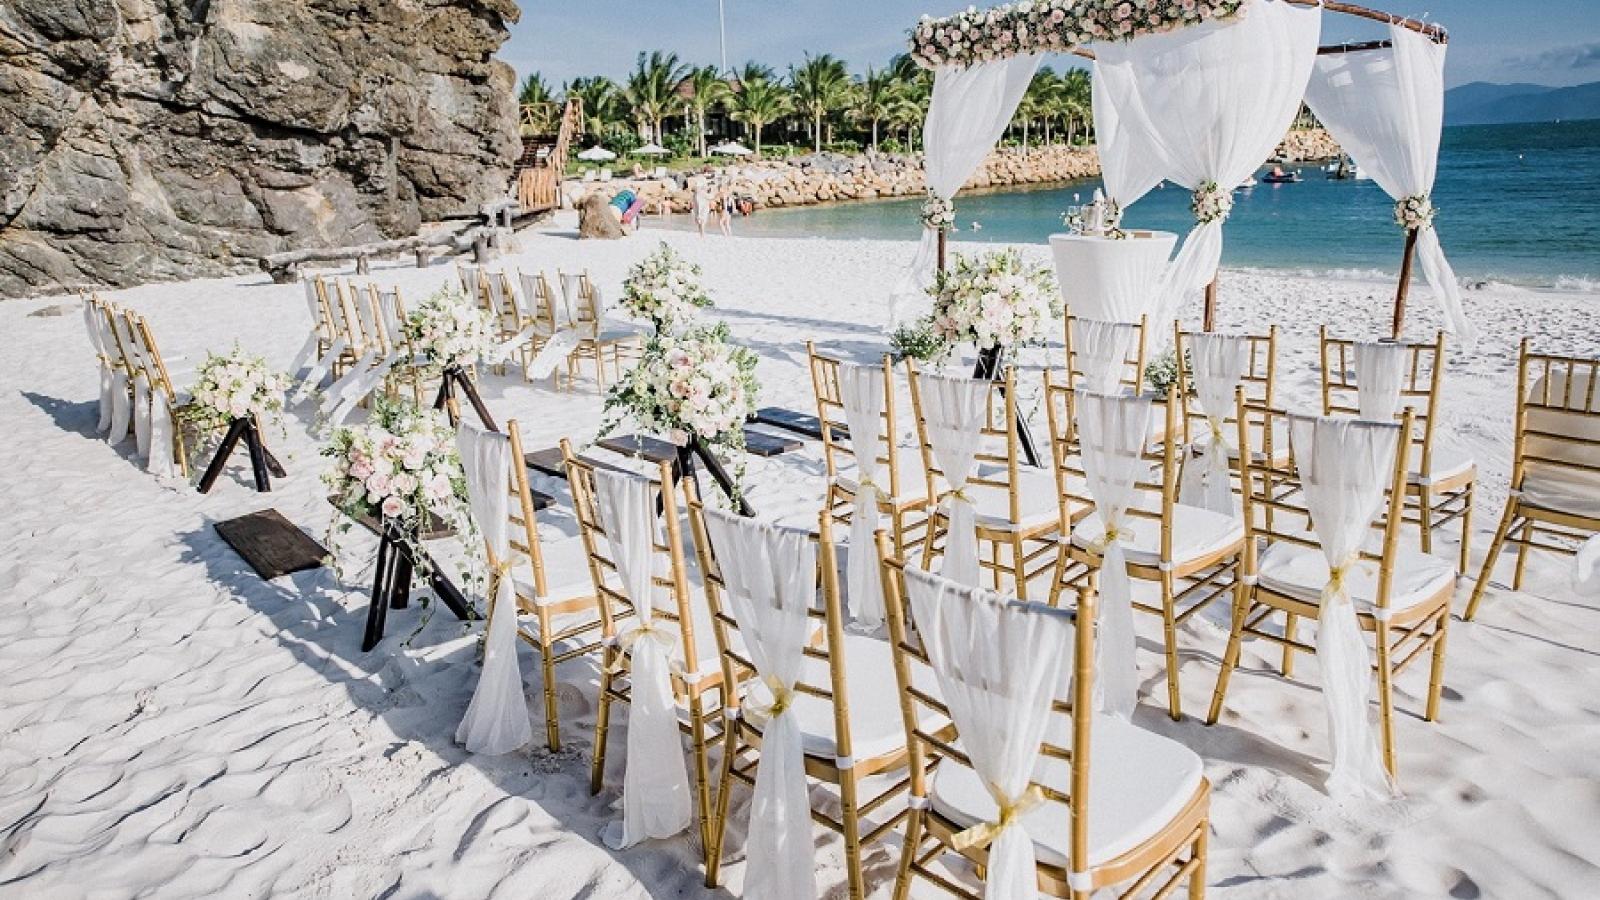 Destination wedding: Những bãi biển nên thơ cho đám cưới trong mơ